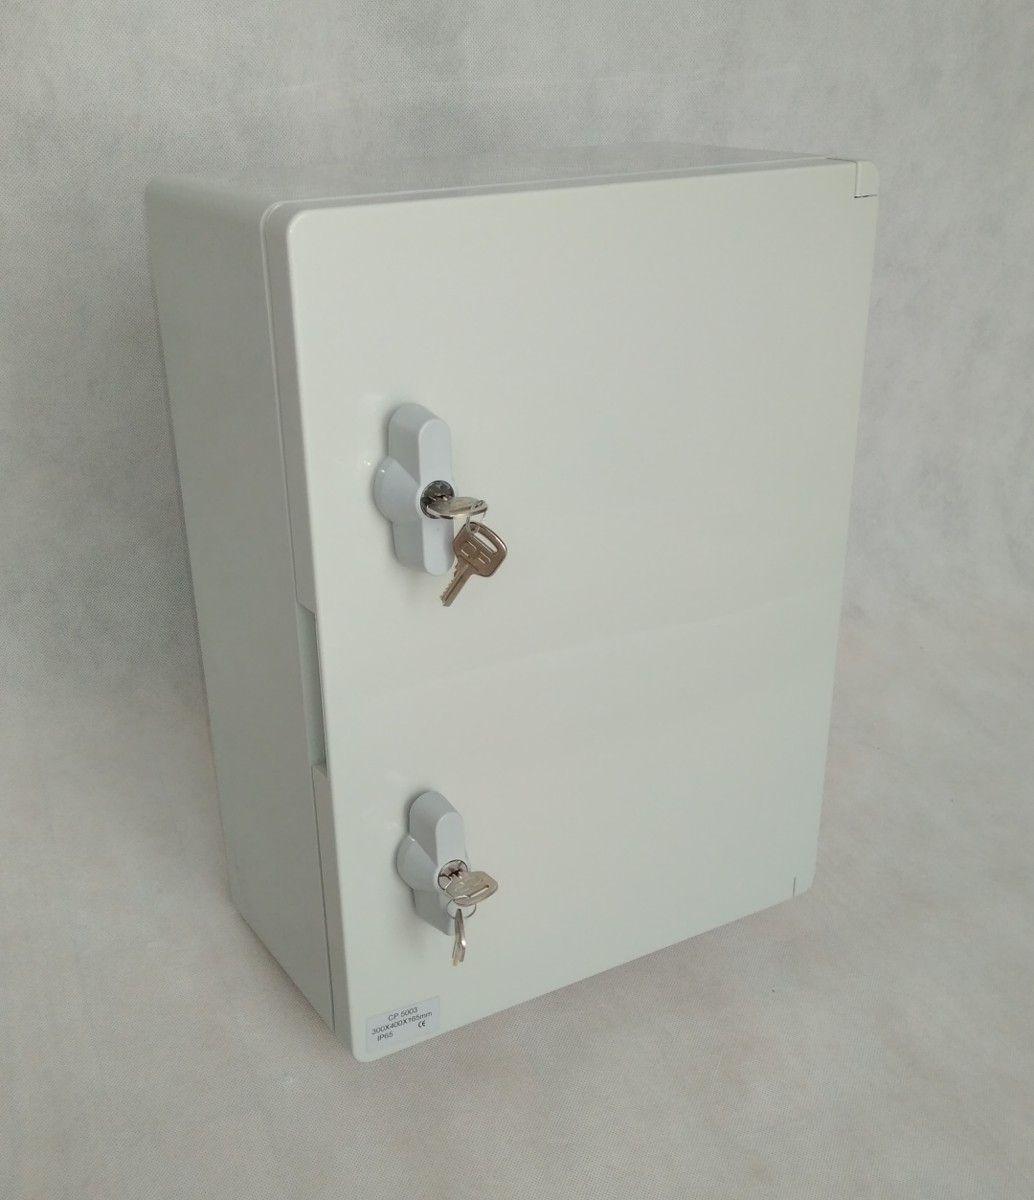 C3Z 300x400mm Skrzynka elektryczna IP65 rozdzielnia CP5003 Z